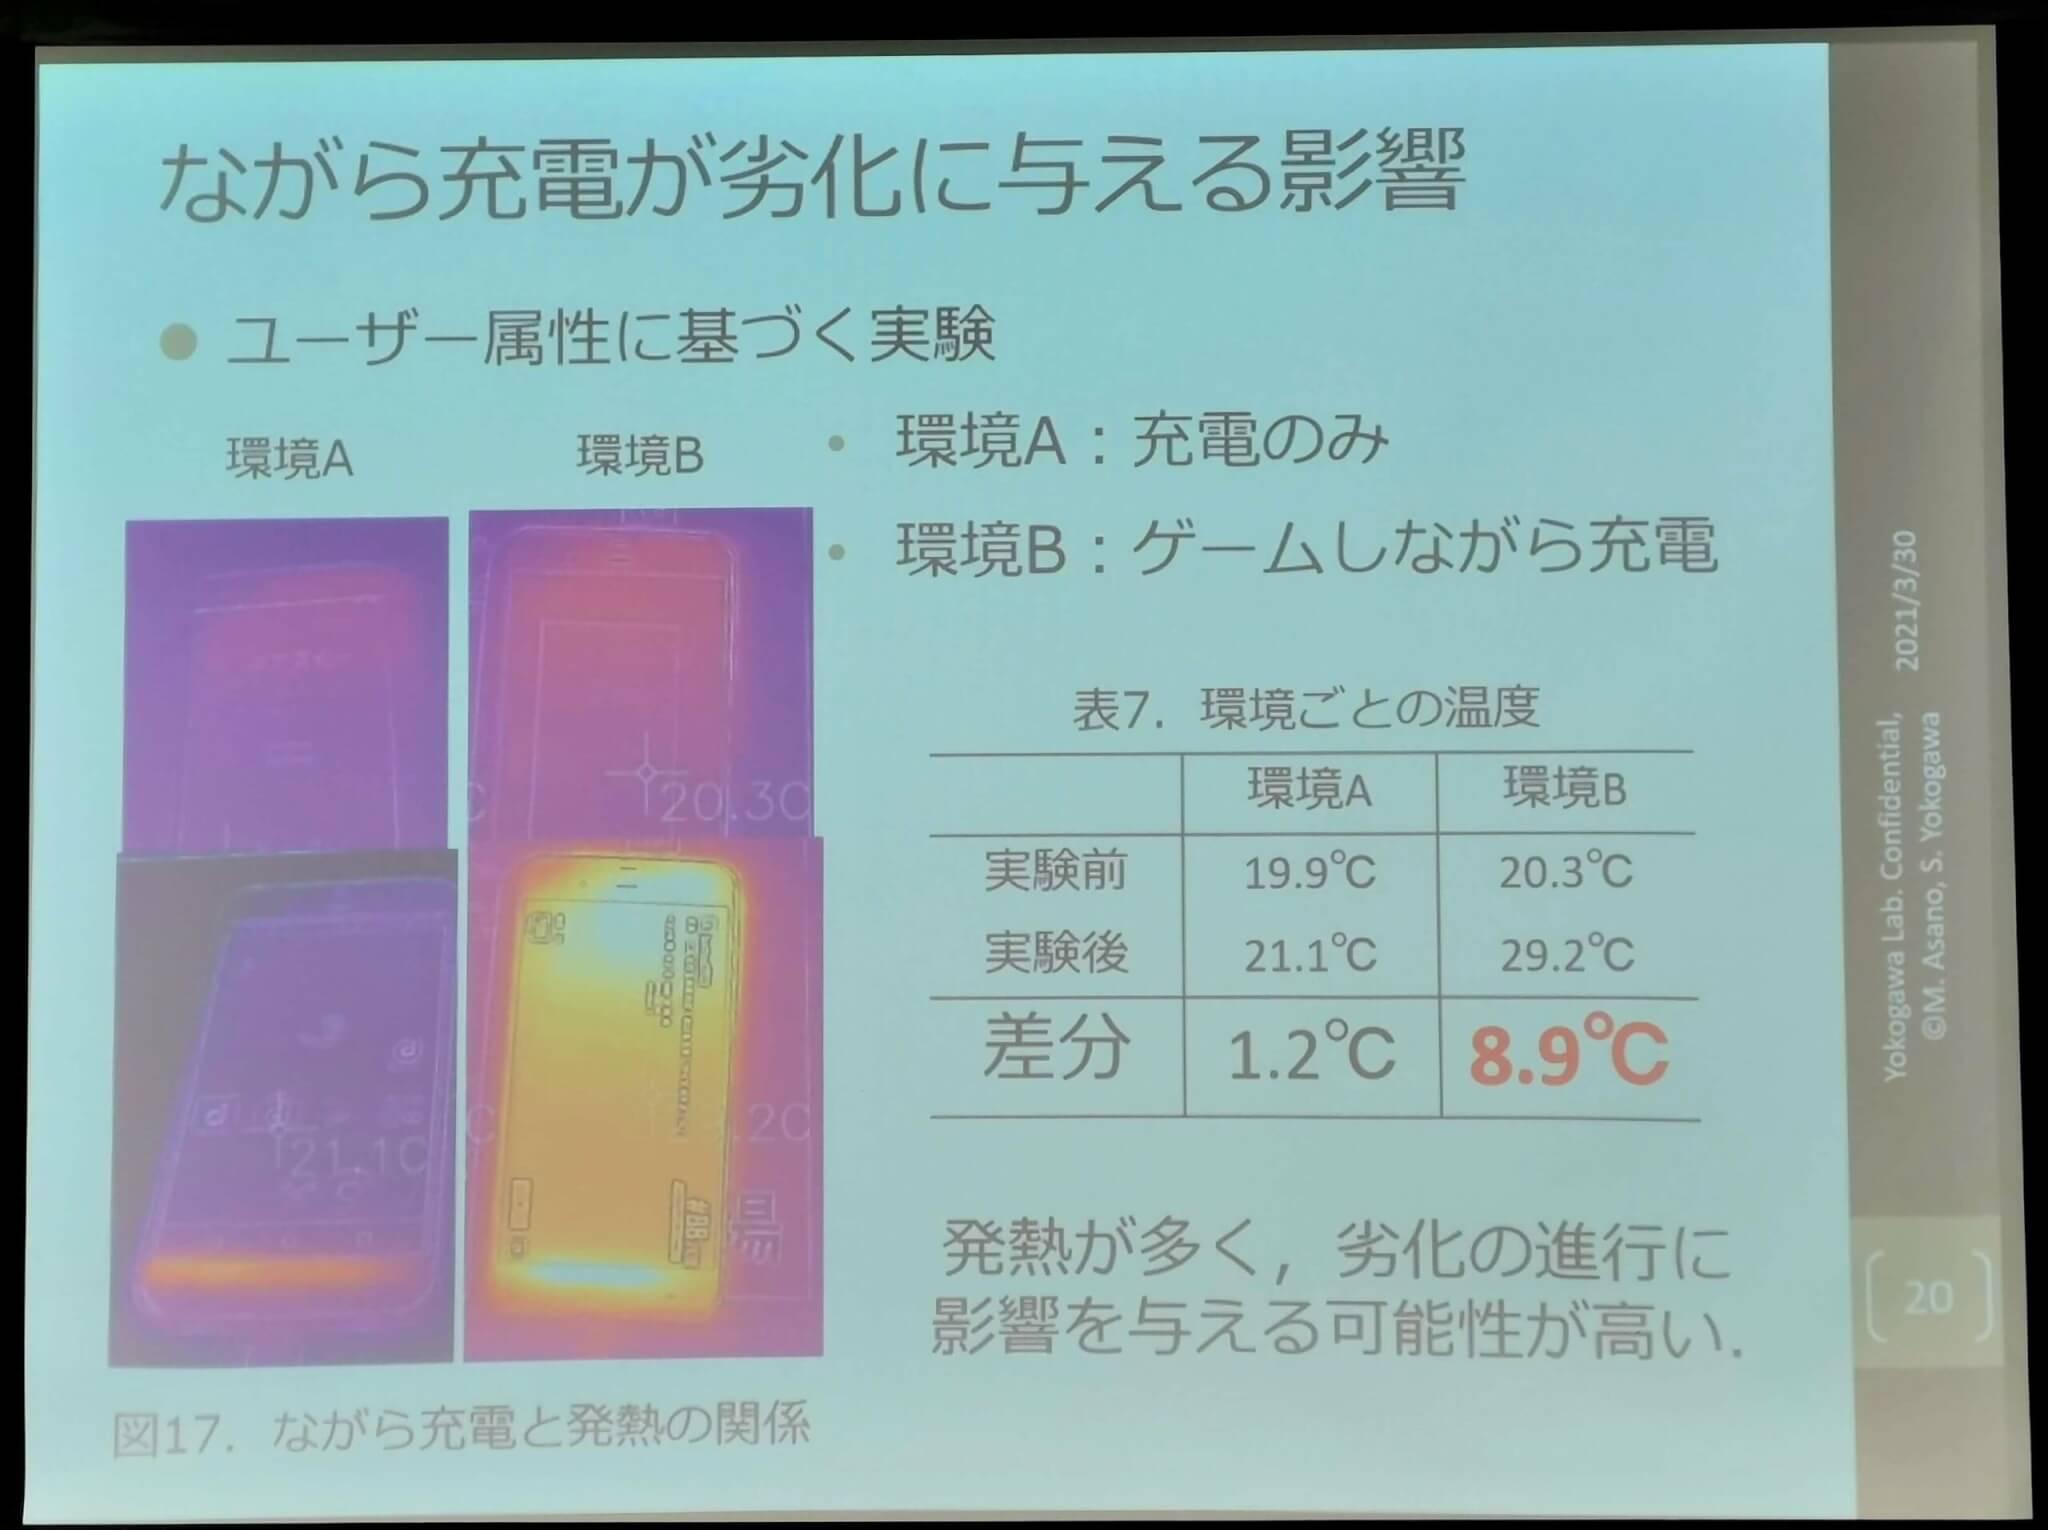 ながら充電すると、充電前と比べて8.9℃も端末温度が上昇し、これがバッテリー劣化を早めるという